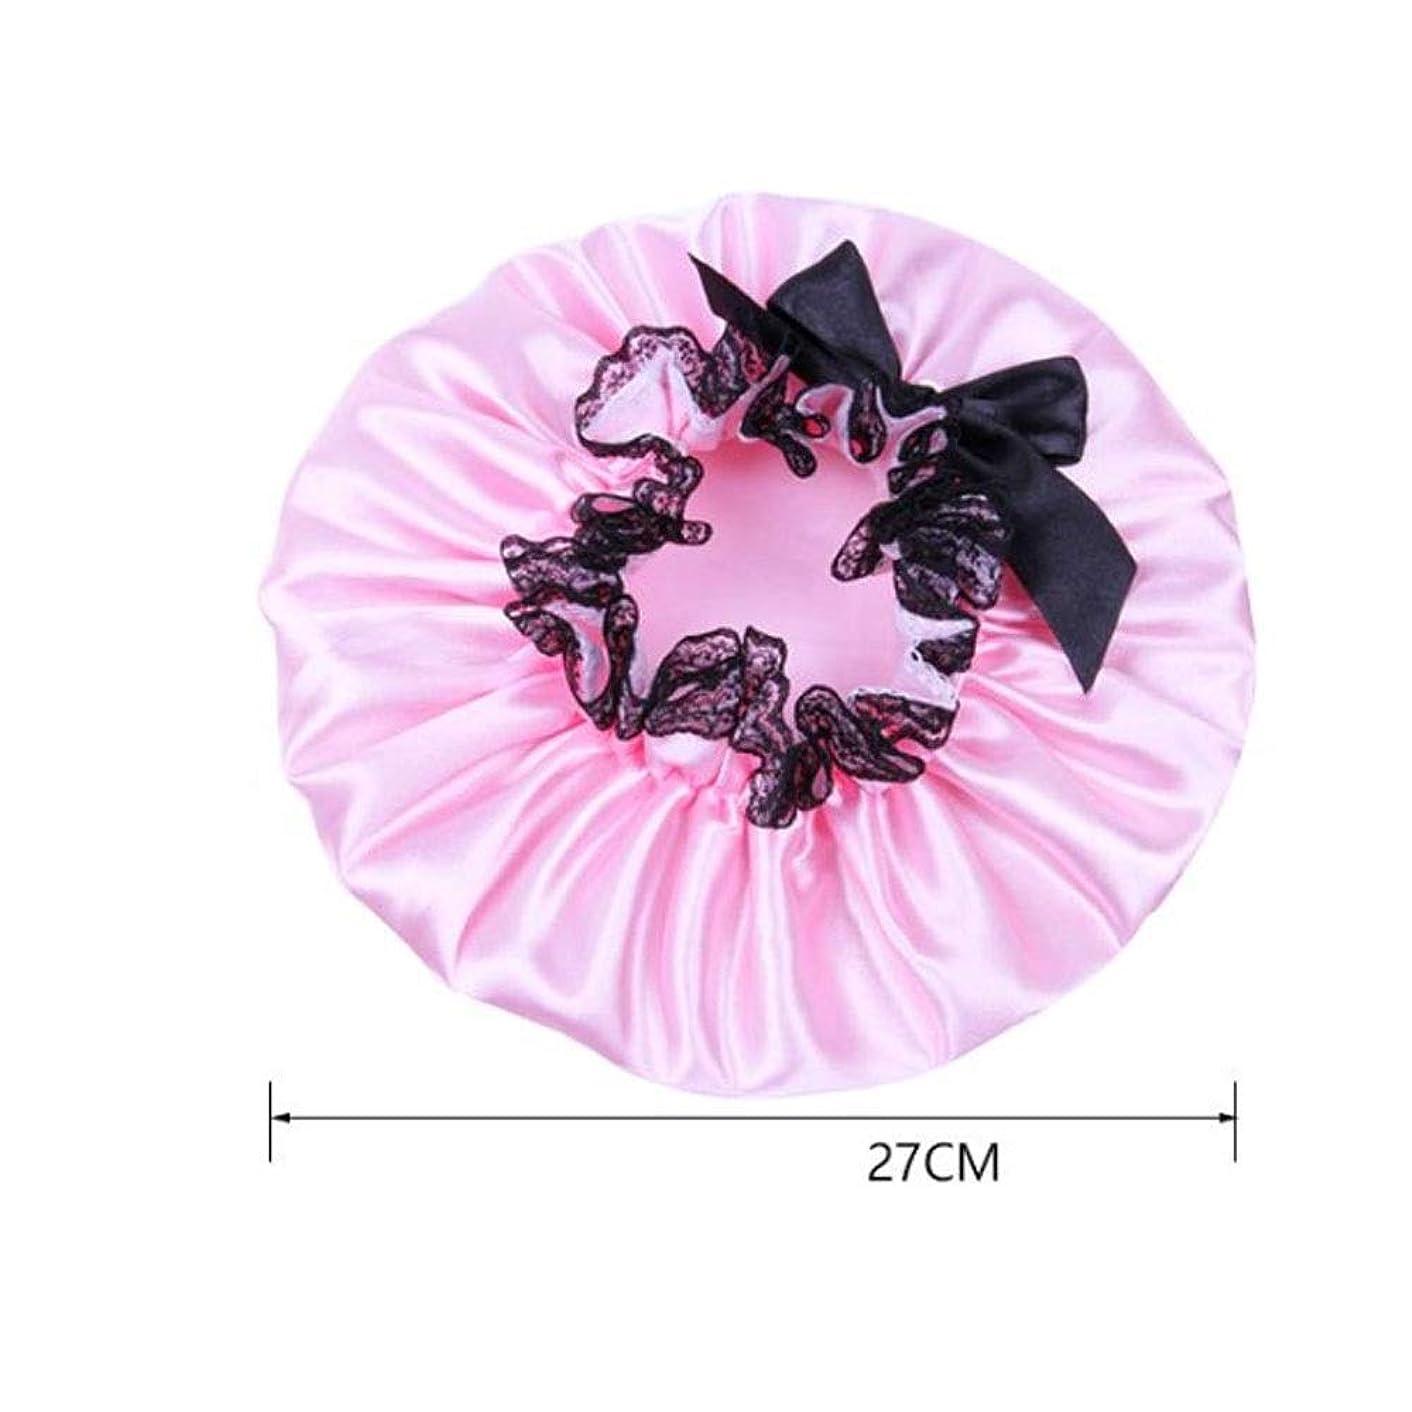 嫌がる上列車シャワーキャップ、レディースシャワーキャップレディース用のすべての髪の長さと太さのデラックスシャワーキャップ - 防水とカビ防止、再利用可能なシャワーキャップ。 (Color : Pink)